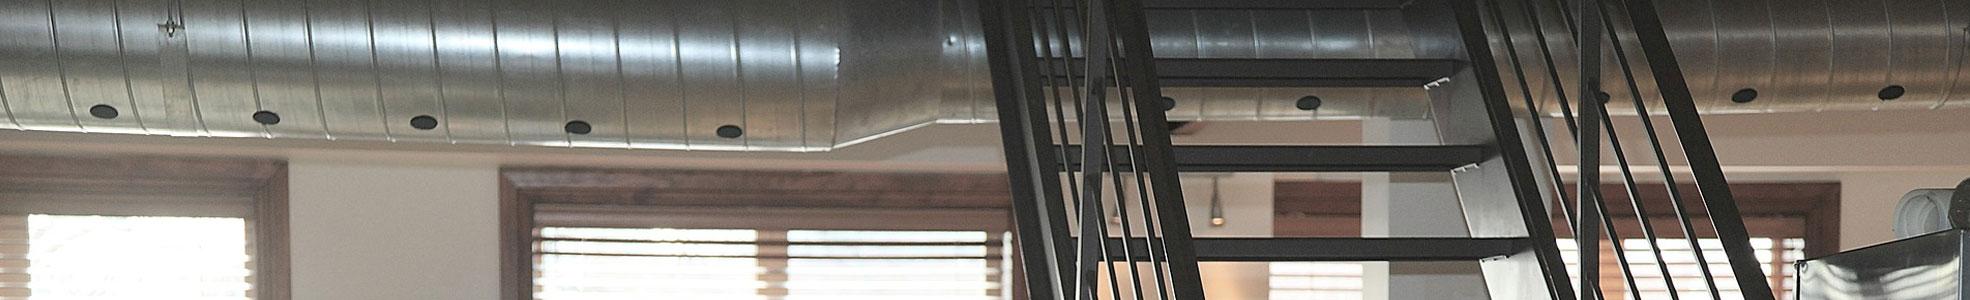 Imagen de Proyectos de climatización para oficinas y despachos